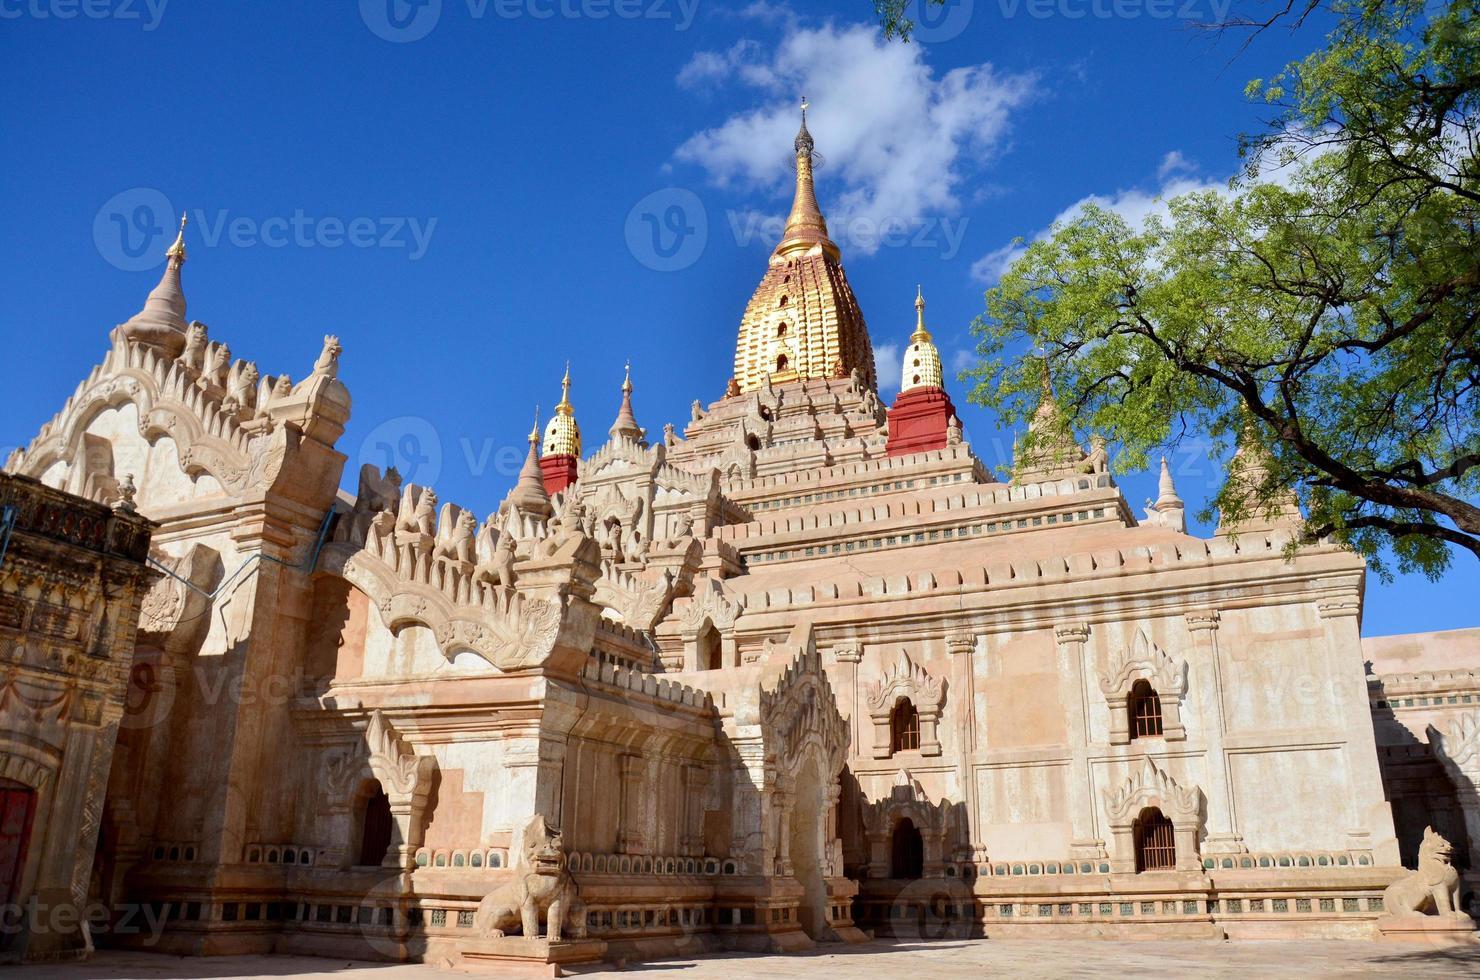 Ananda-Tempel in der archäologischen Zone von Bagan in Bagan, Myanmar foto